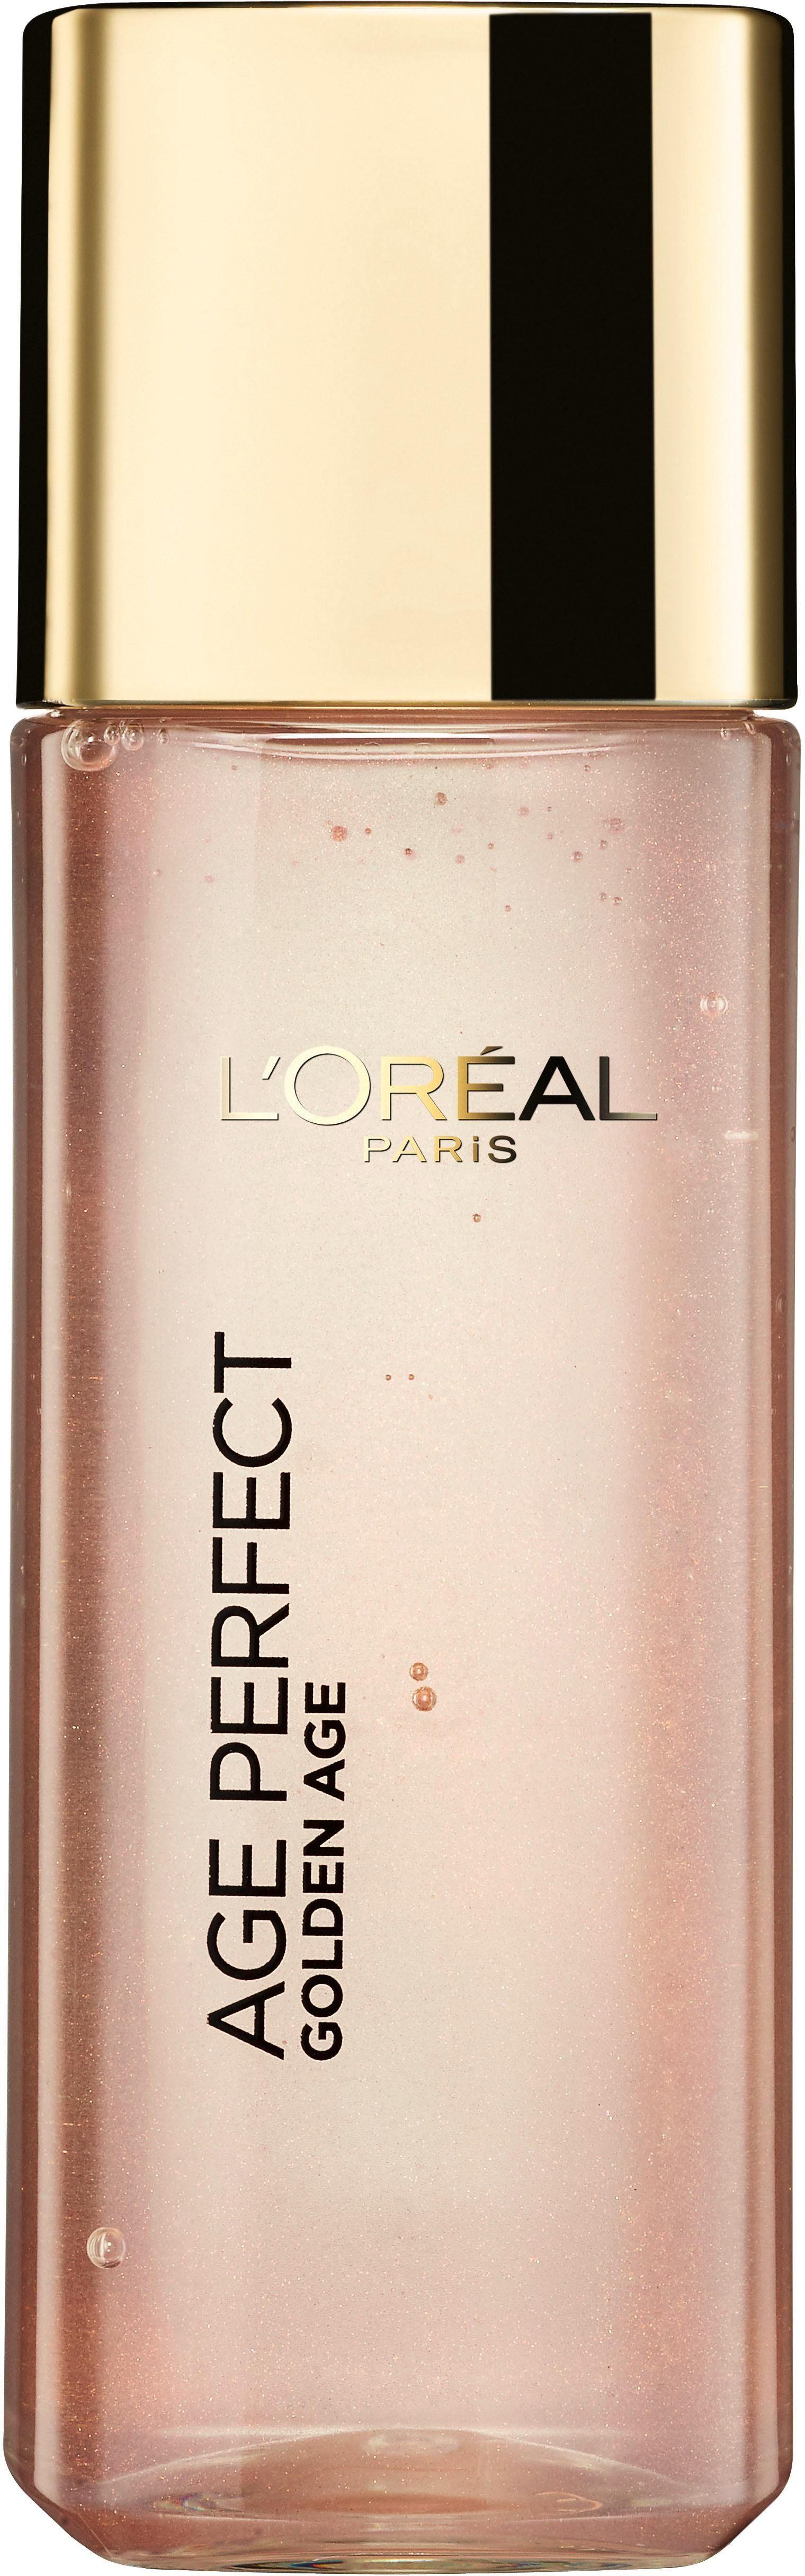 L'Oréal Paris, »Age Perfect Golden Age Serum«, Gesichtspflege